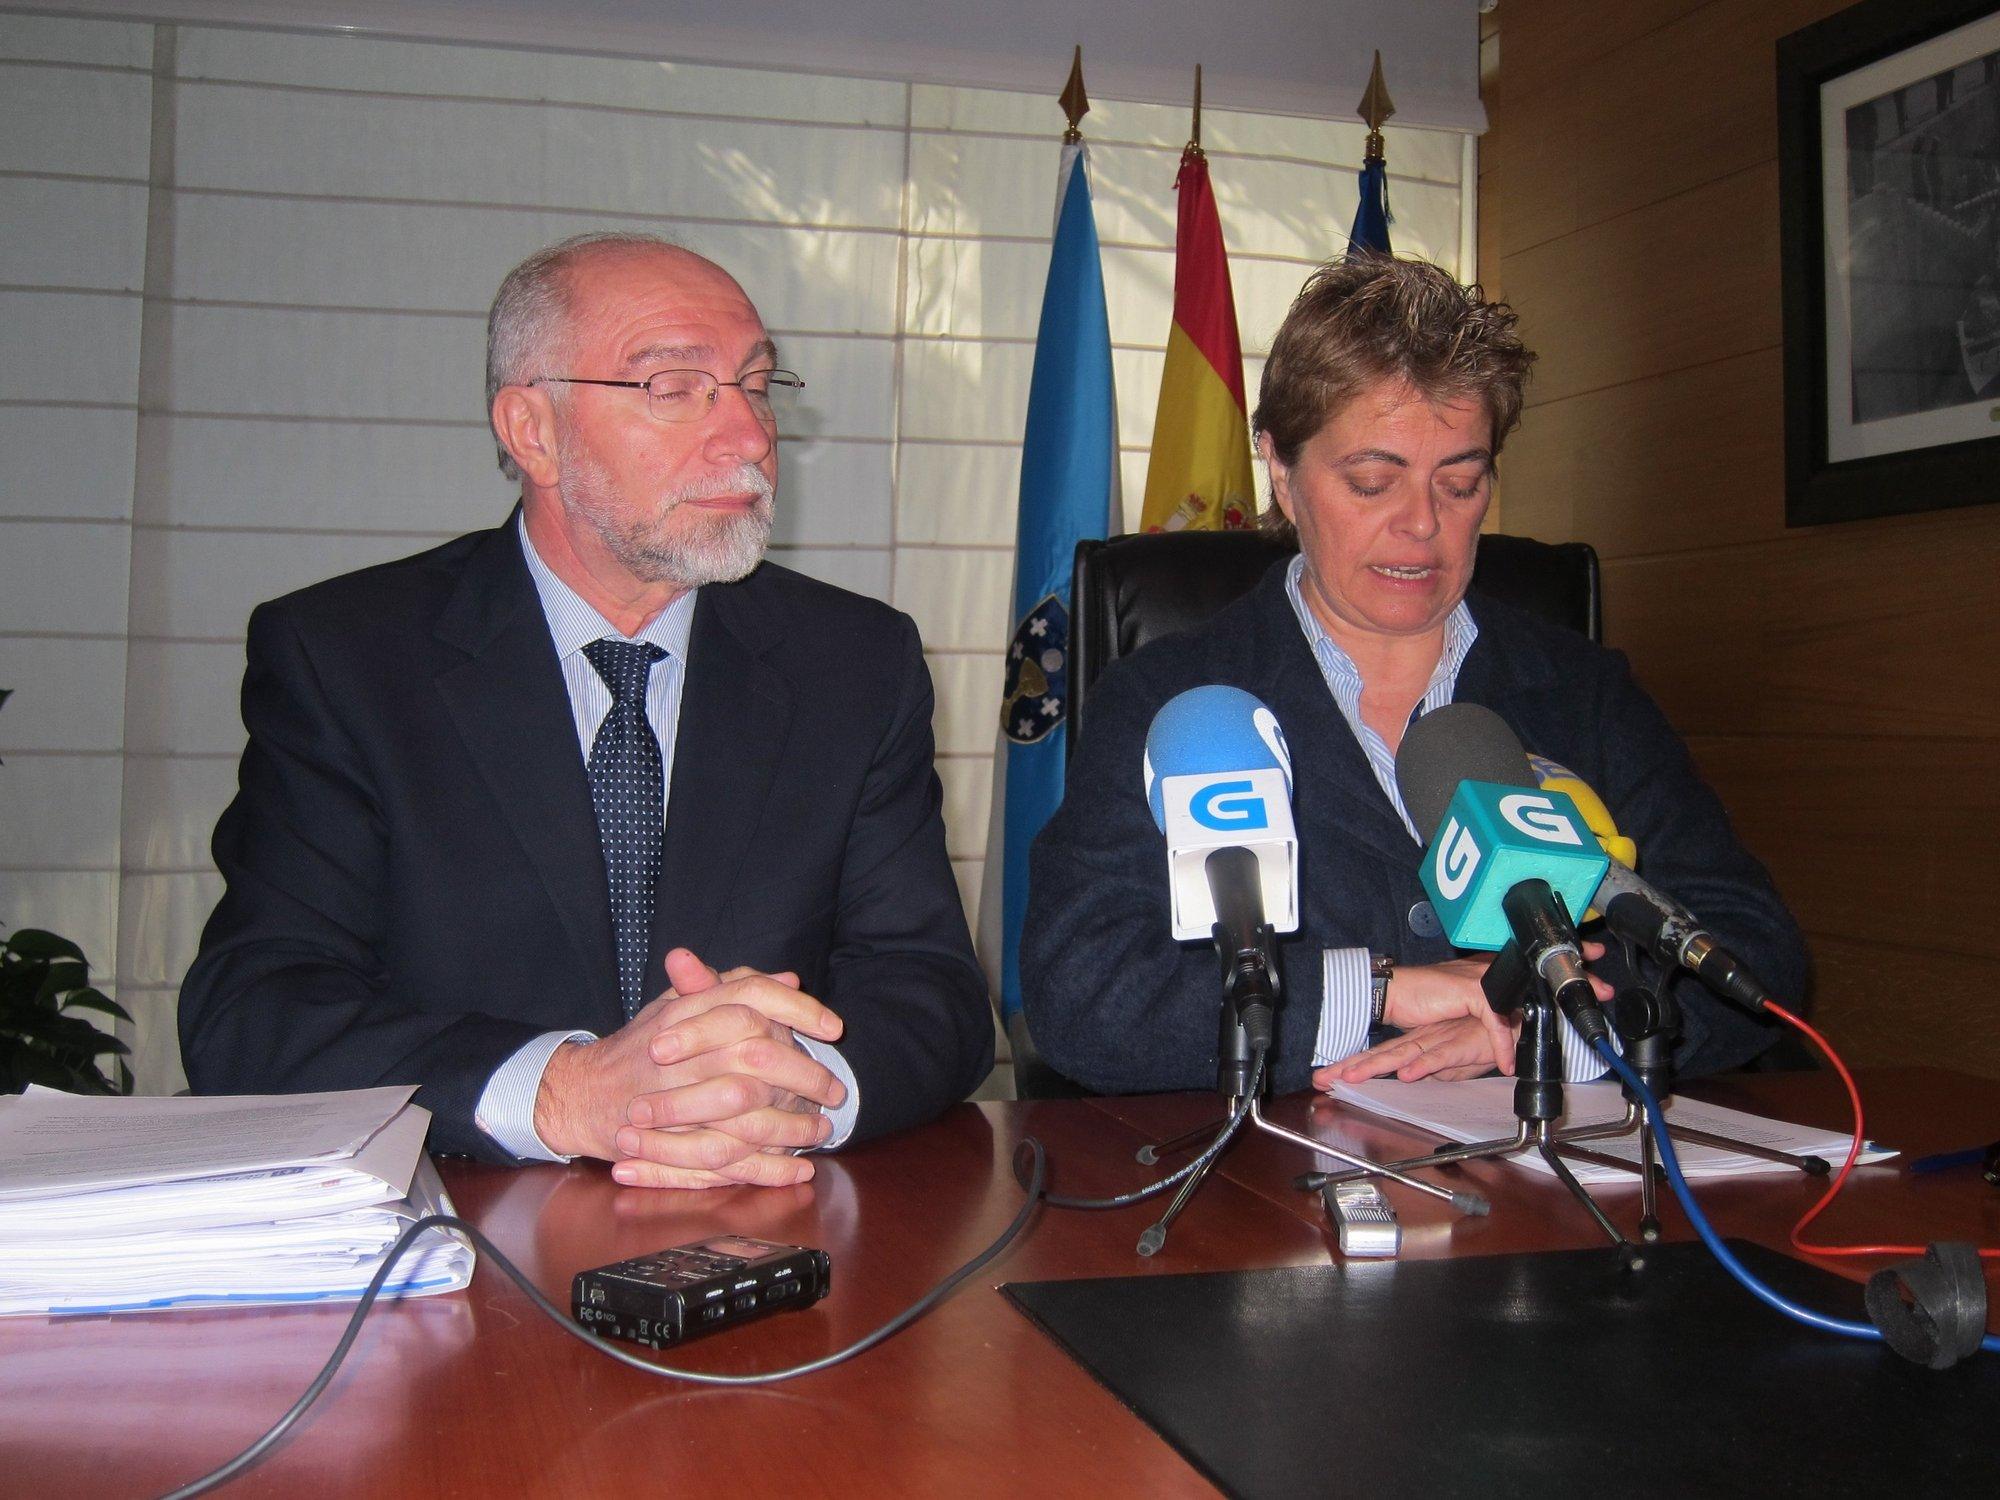 La Xunta ve la reforma laboral «valiente y necesaria» y valora la «importancia» que da a la formación de trabajadores